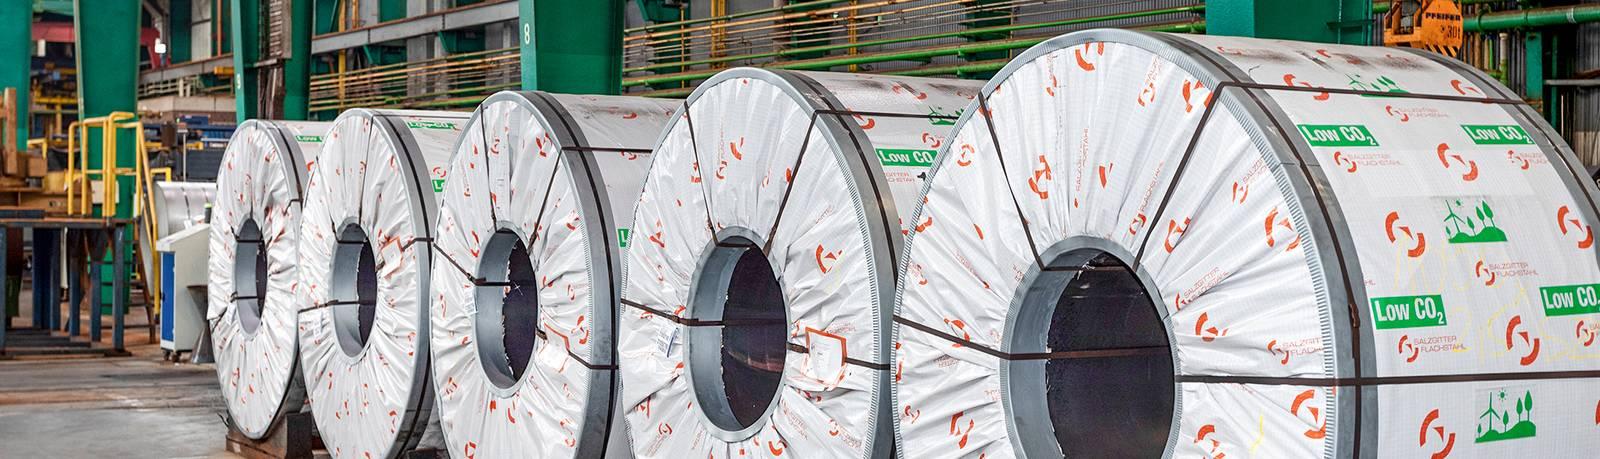 Entrega de bobinas de banda en caliente con bajo nivel de Co2 de Salzgitter AG a Waelzholz Sliderfoto